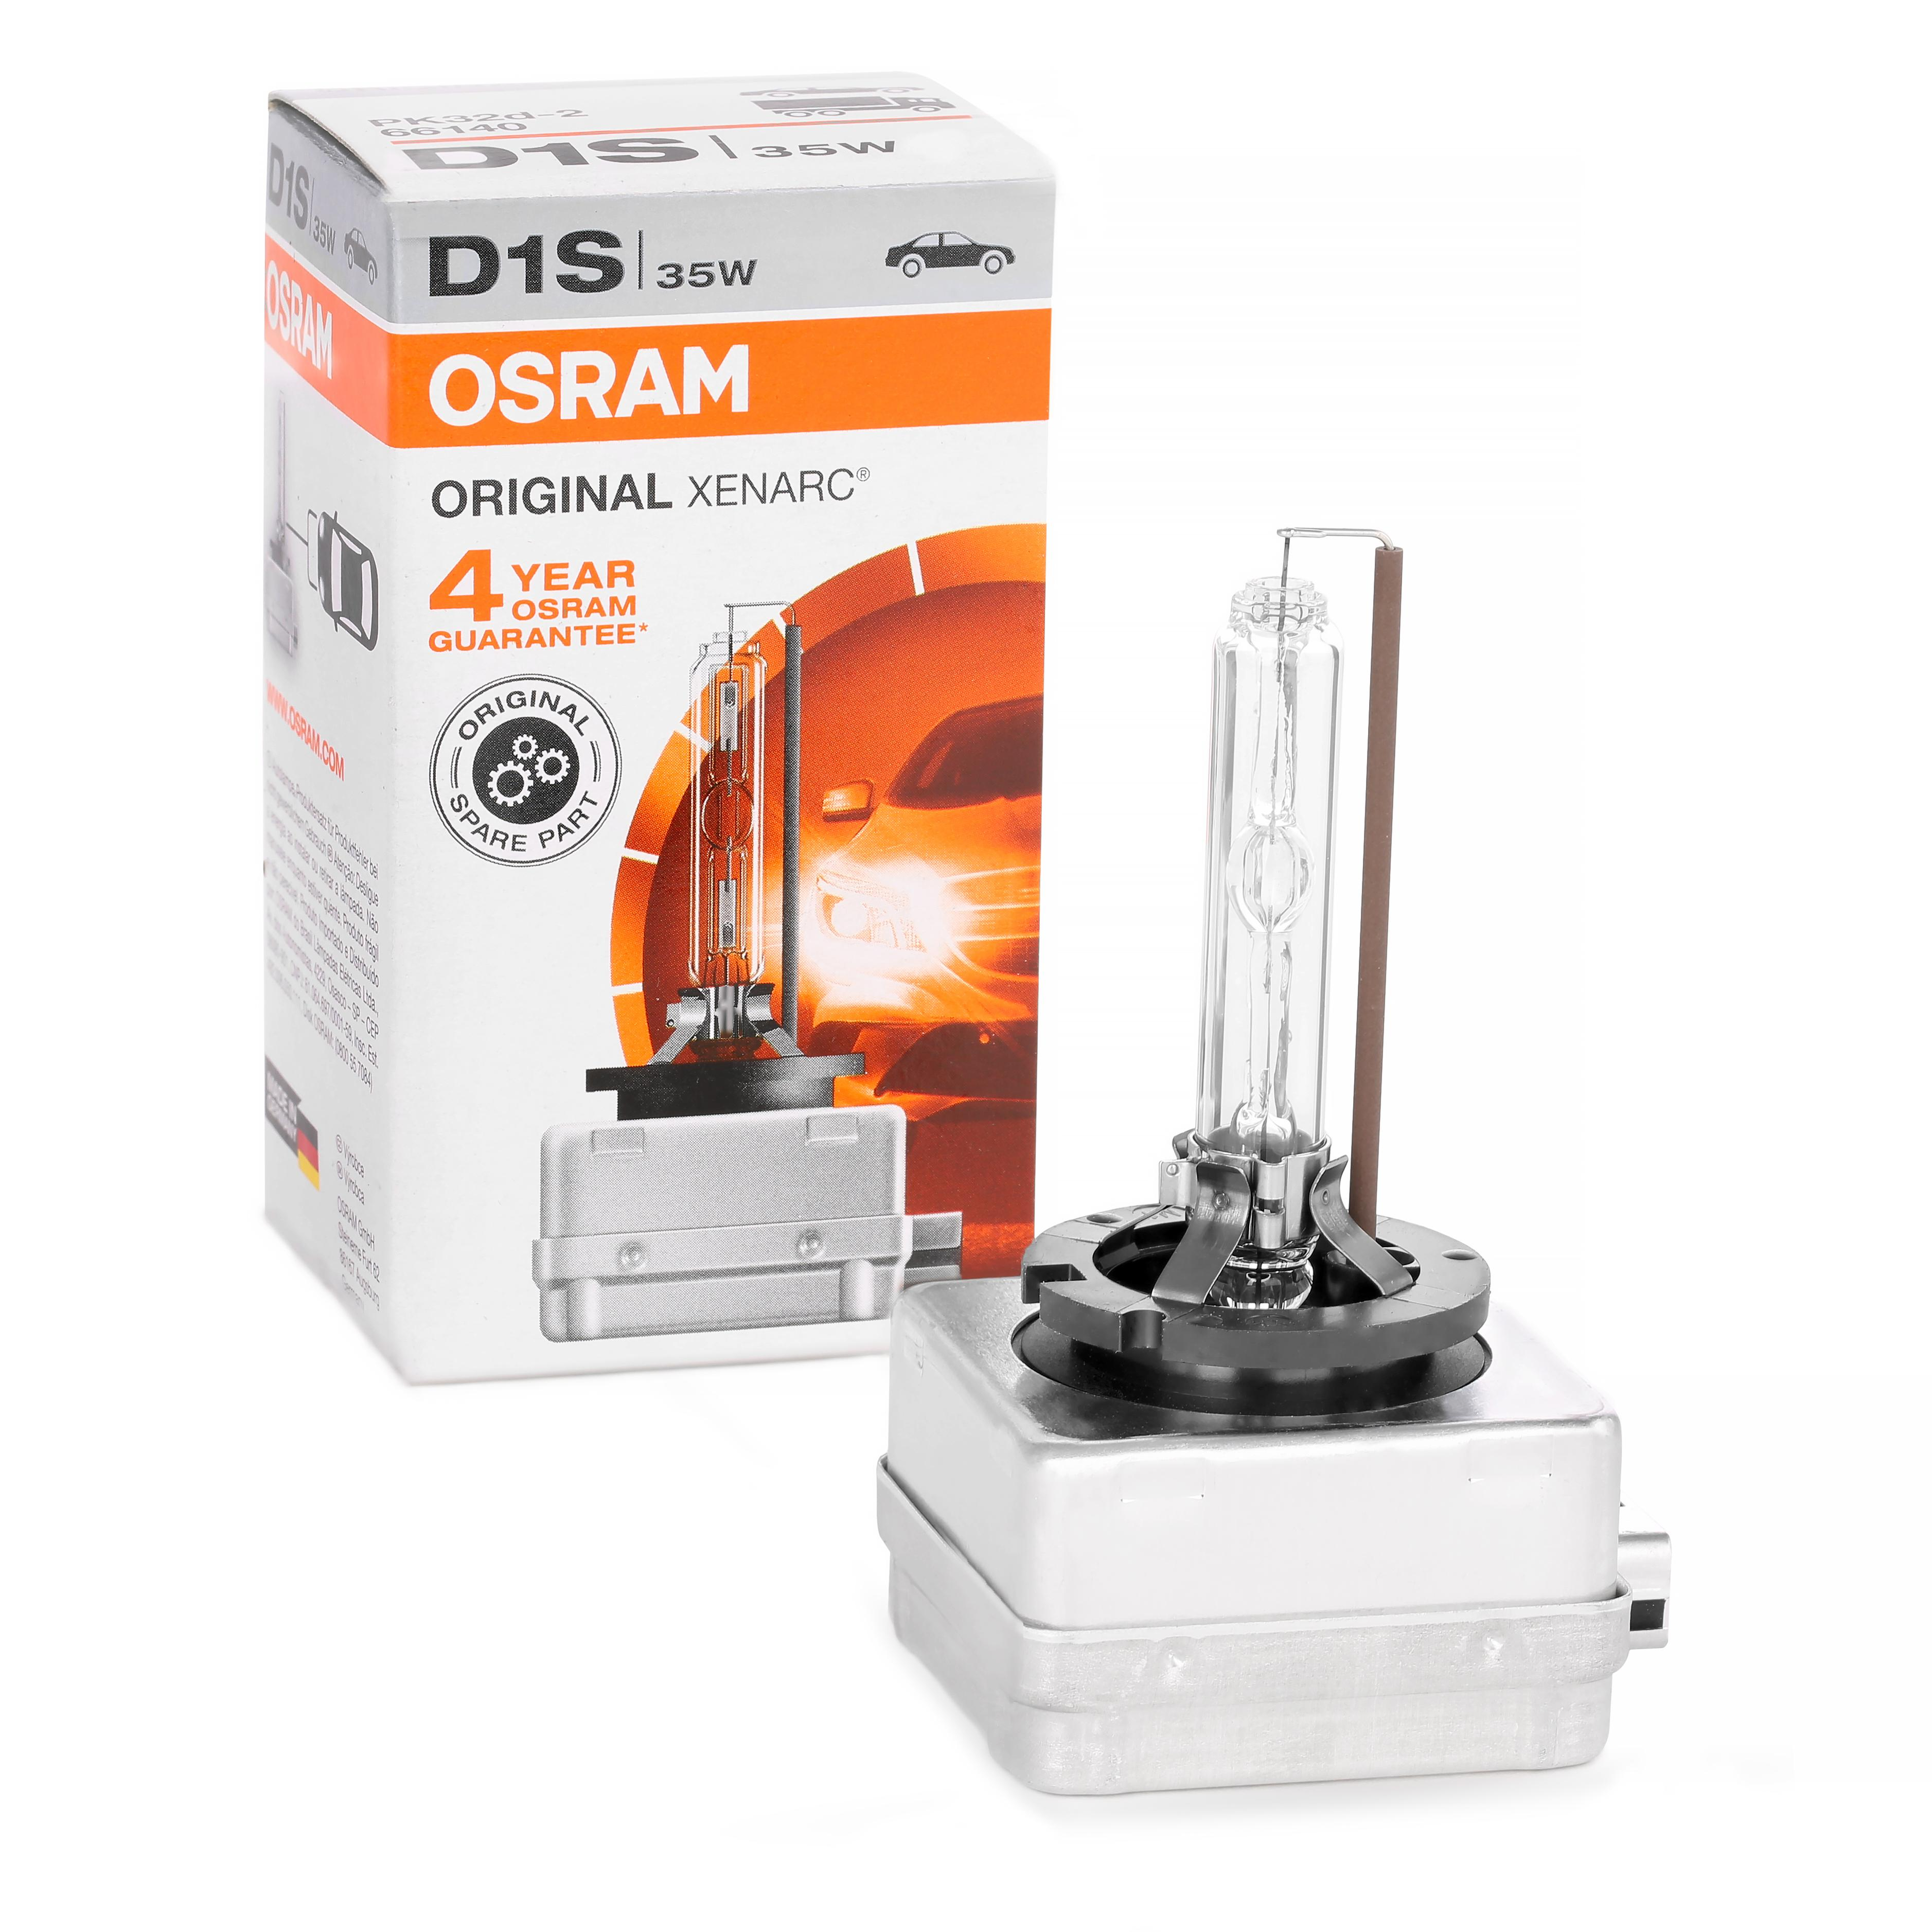 66140 Λυχνία, μεγάλα φώτα OSRAM - Φθηνά επώνυμα προϊόντα